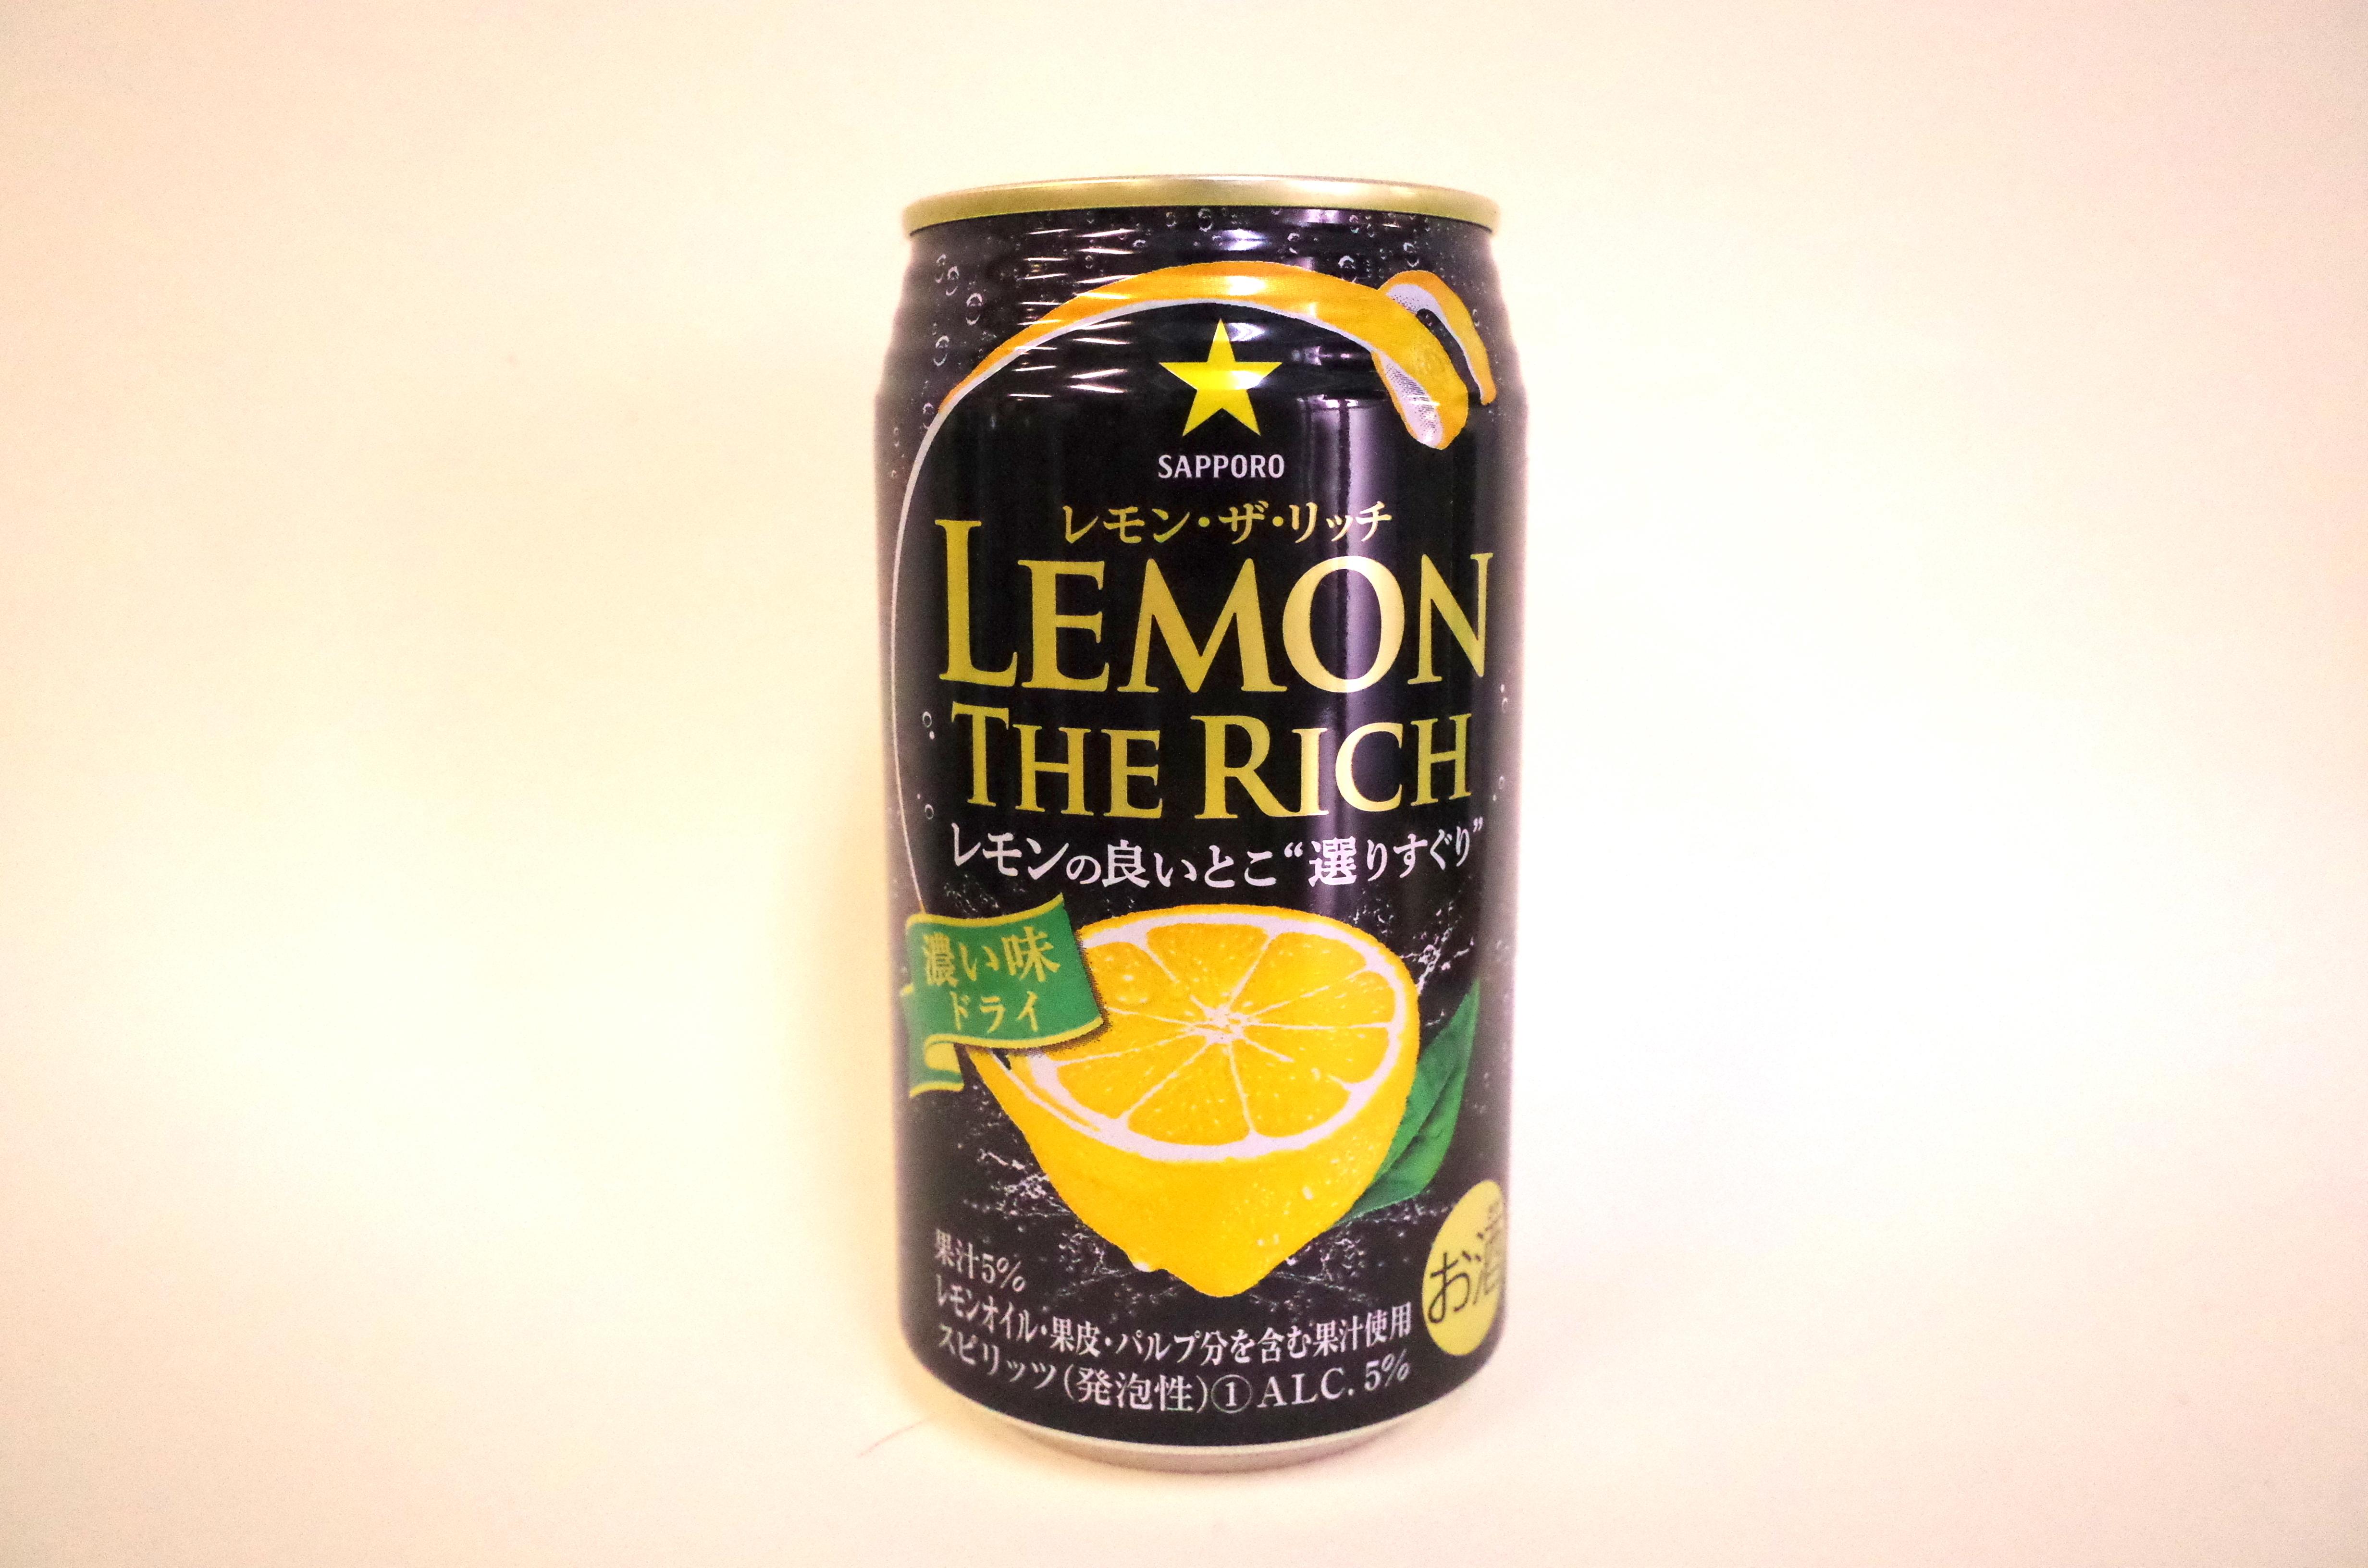 レモン 缶 チューハイ govotebot.rga.com: Sodo